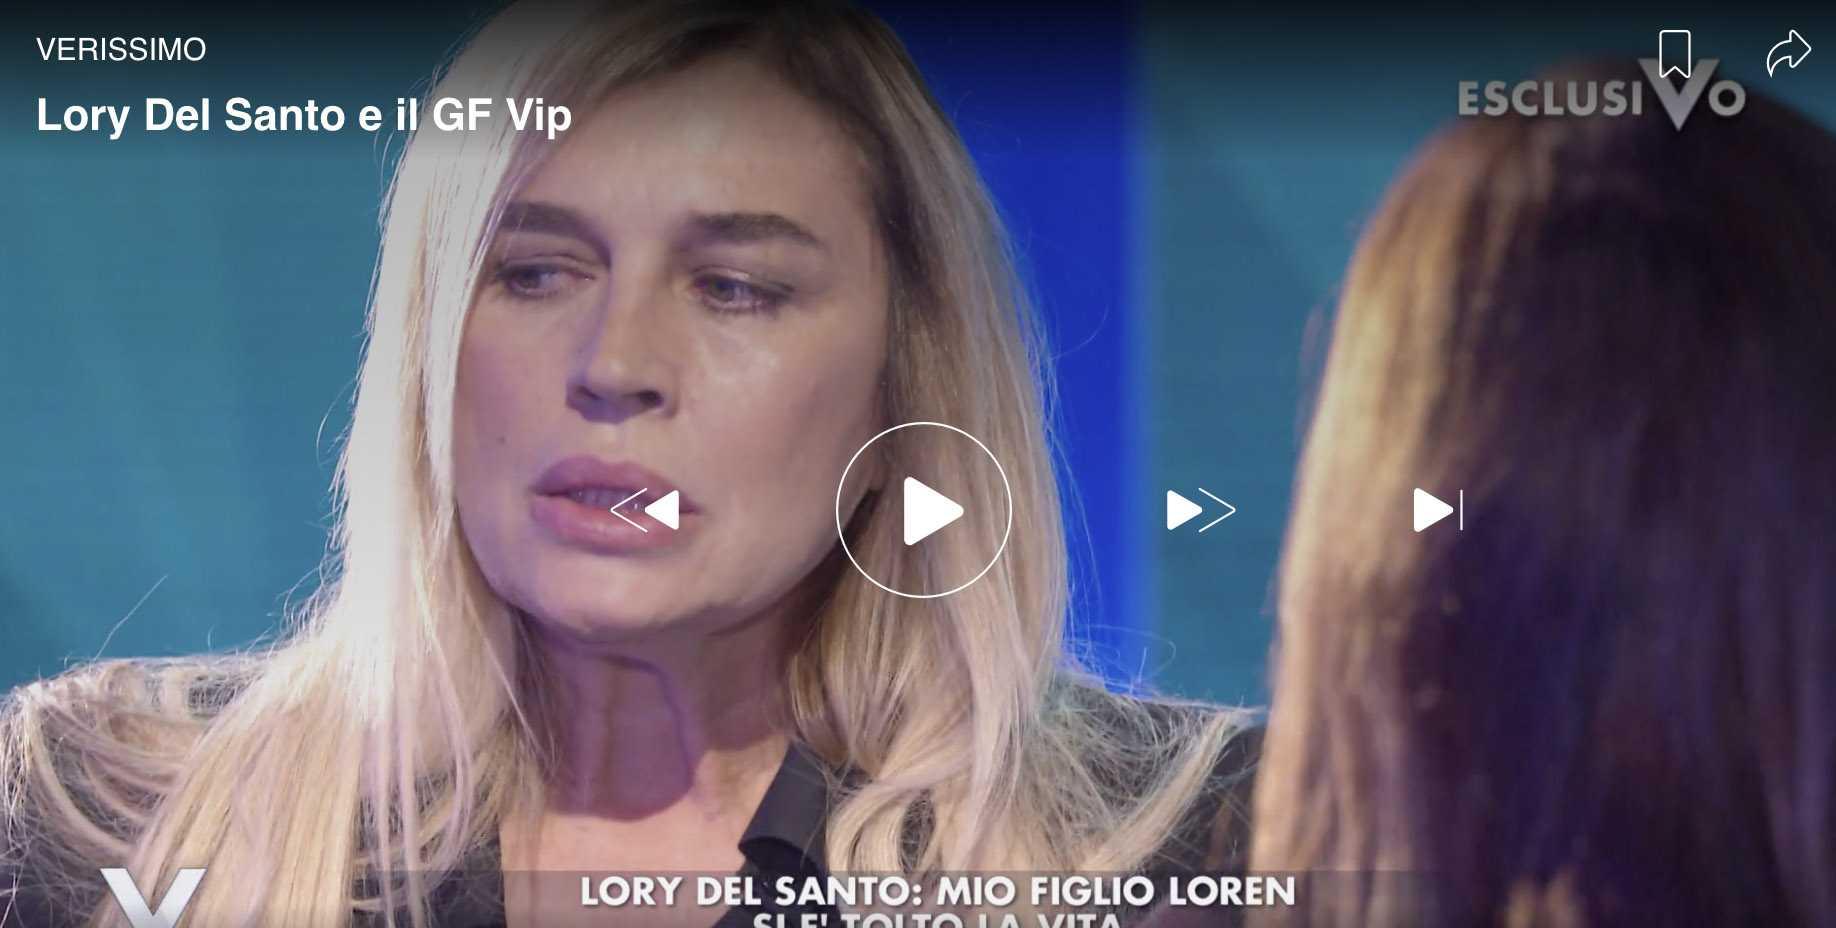 lory del santo gf vip 3 silvia